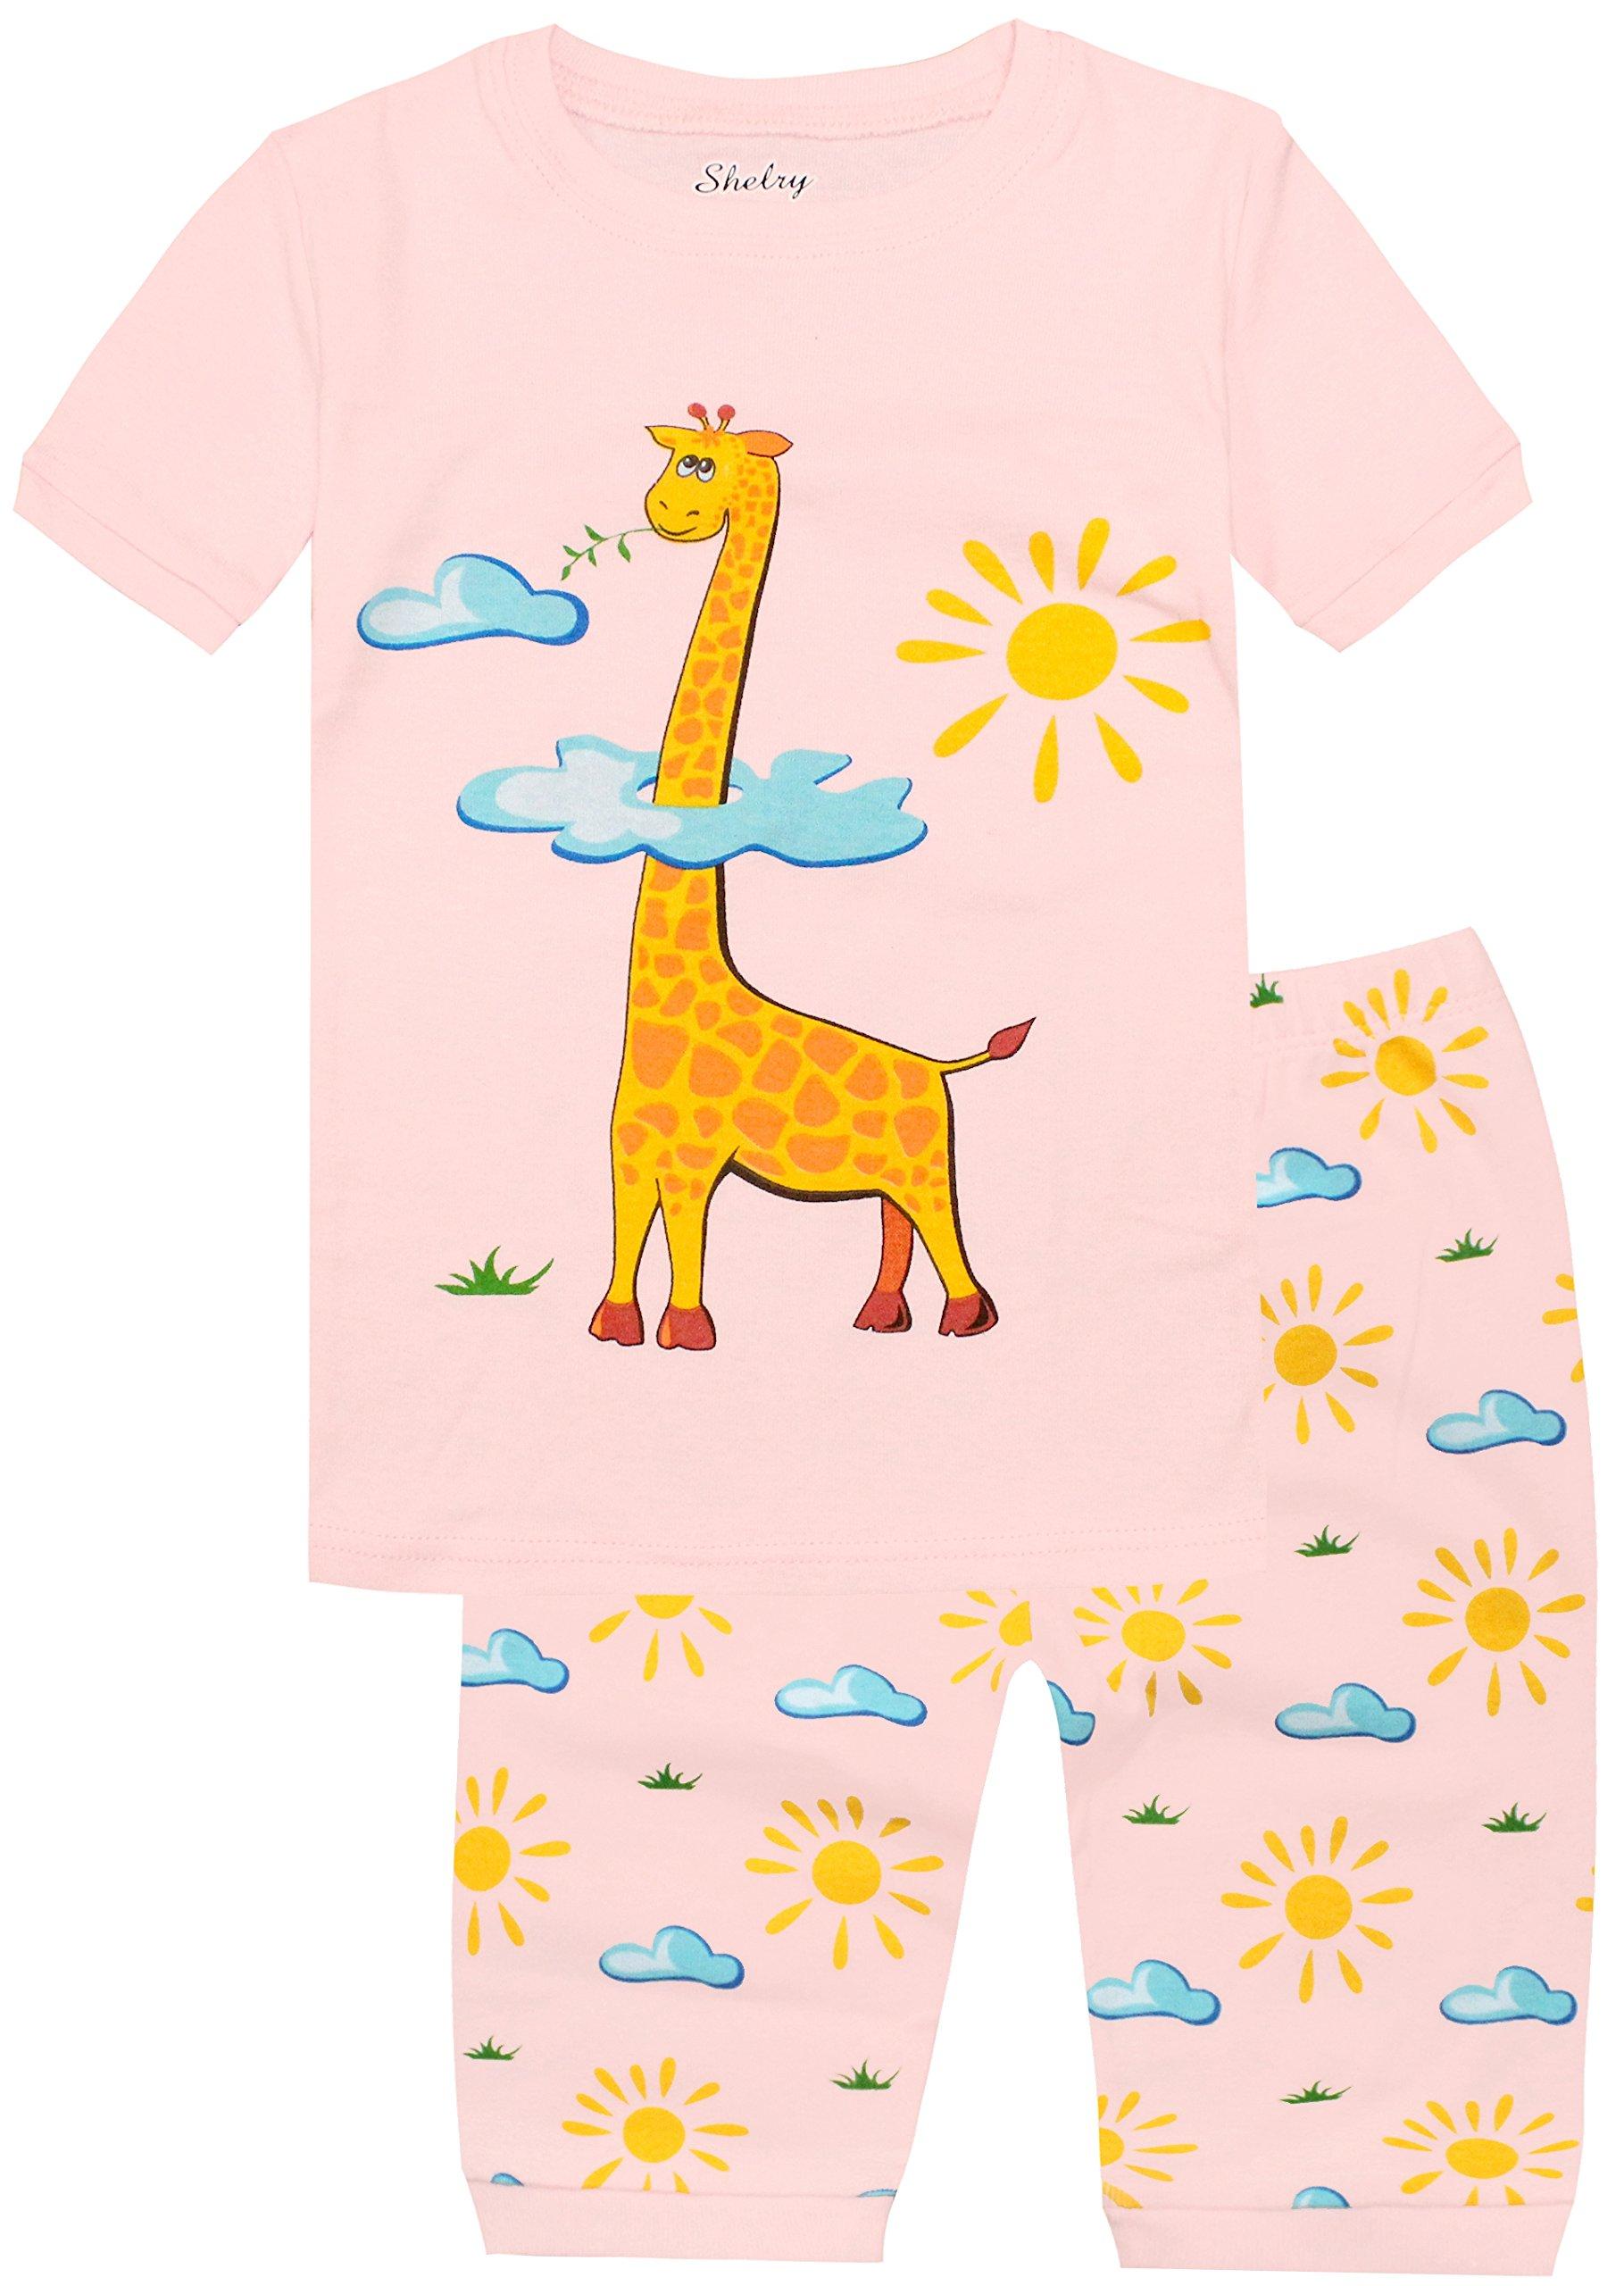 Girls Pajamas Children Toddler Kids Pink Giraffe Sleepwear 100% Cotton Short Set Size 8